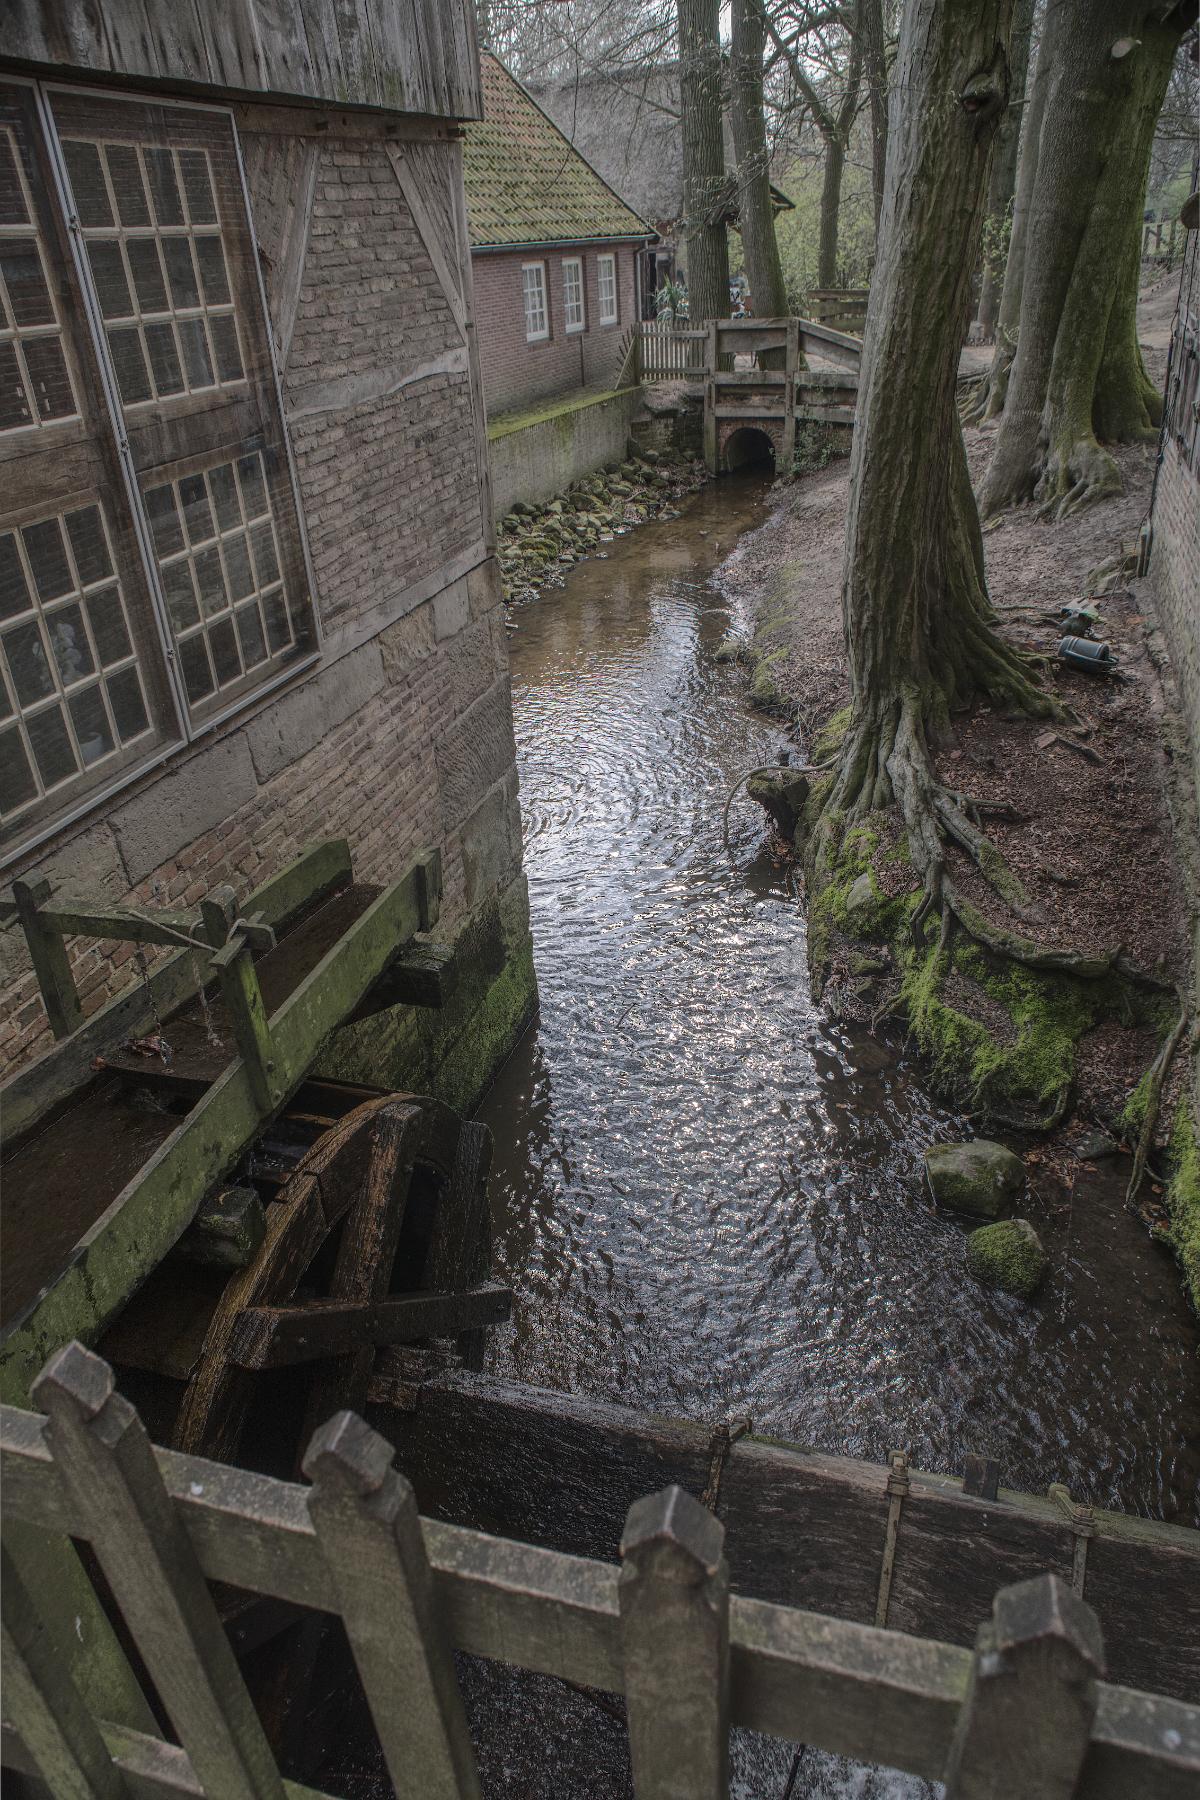 Molen Bels - Een van de zeer weinige watermolens in Nederland - foto door MichaelG5 op 21-04-2021 - locatie: 7661 Vasse, Nederland - deze foto bevat: landelijk, beek, watermolen, water, watervoorraden, venster, boom, gebouw, fabriek, waterloop, hout, bank, waterweg